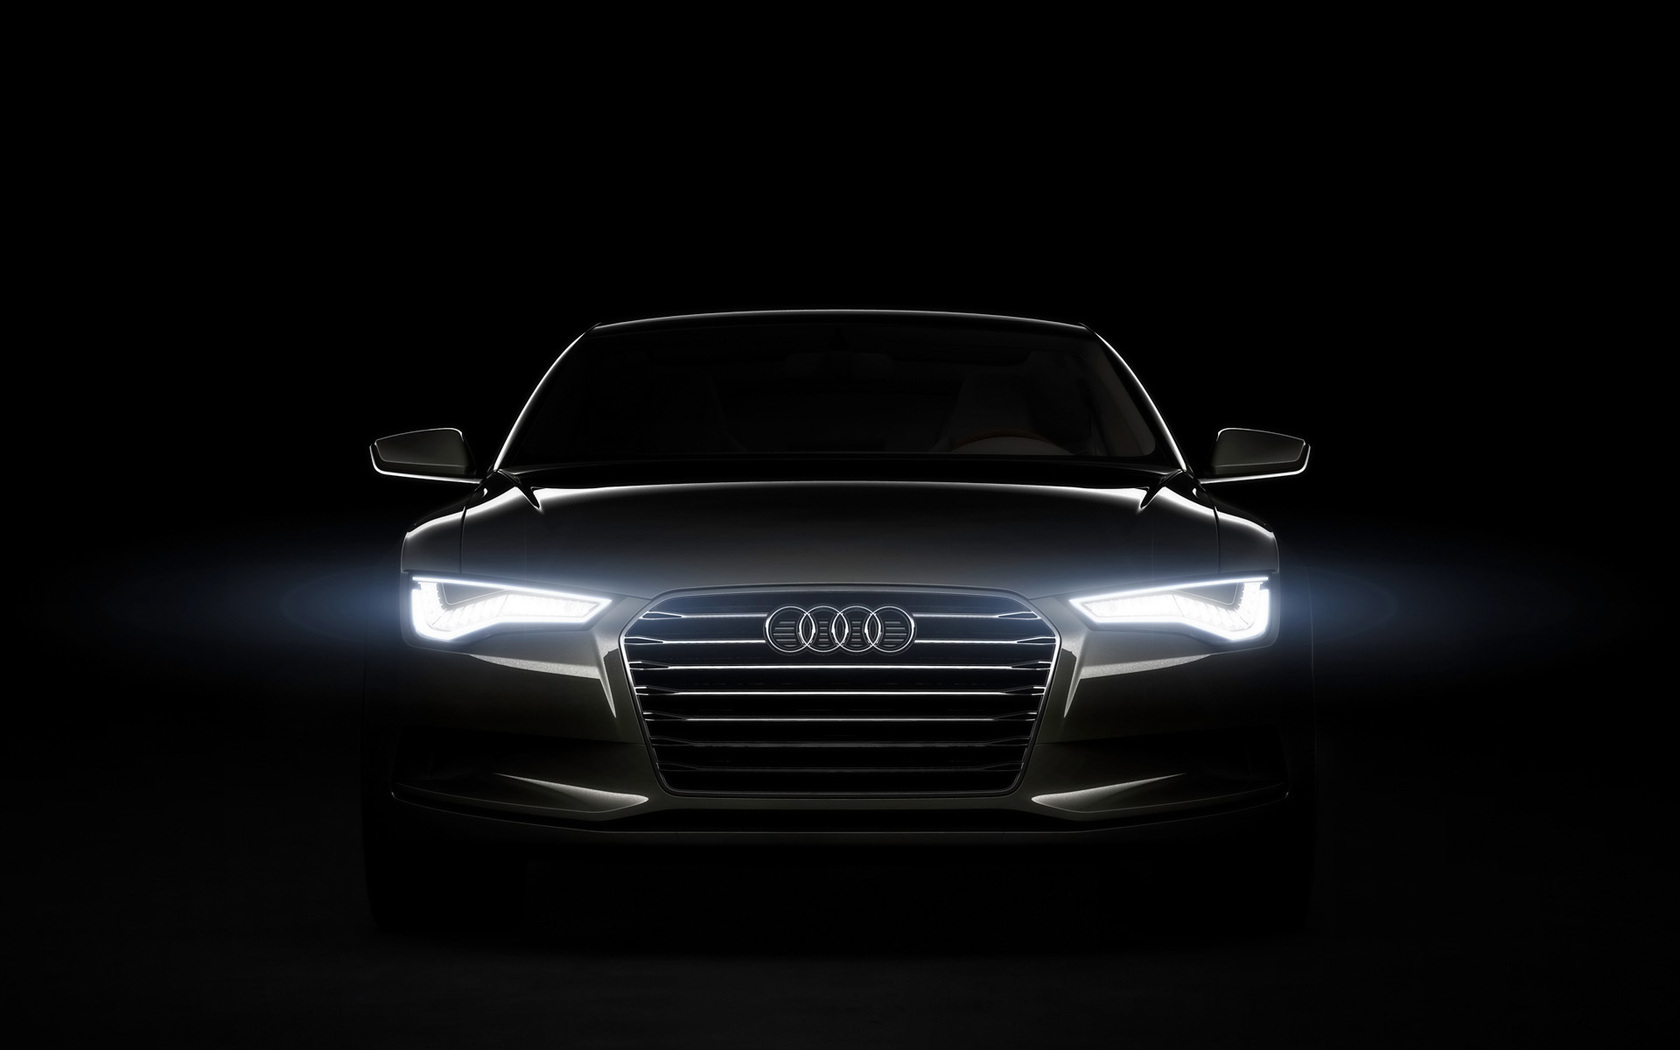 36907 скачать обои Транспорт, Машины, Ауди (Audi) - заставки и картинки бесплатно